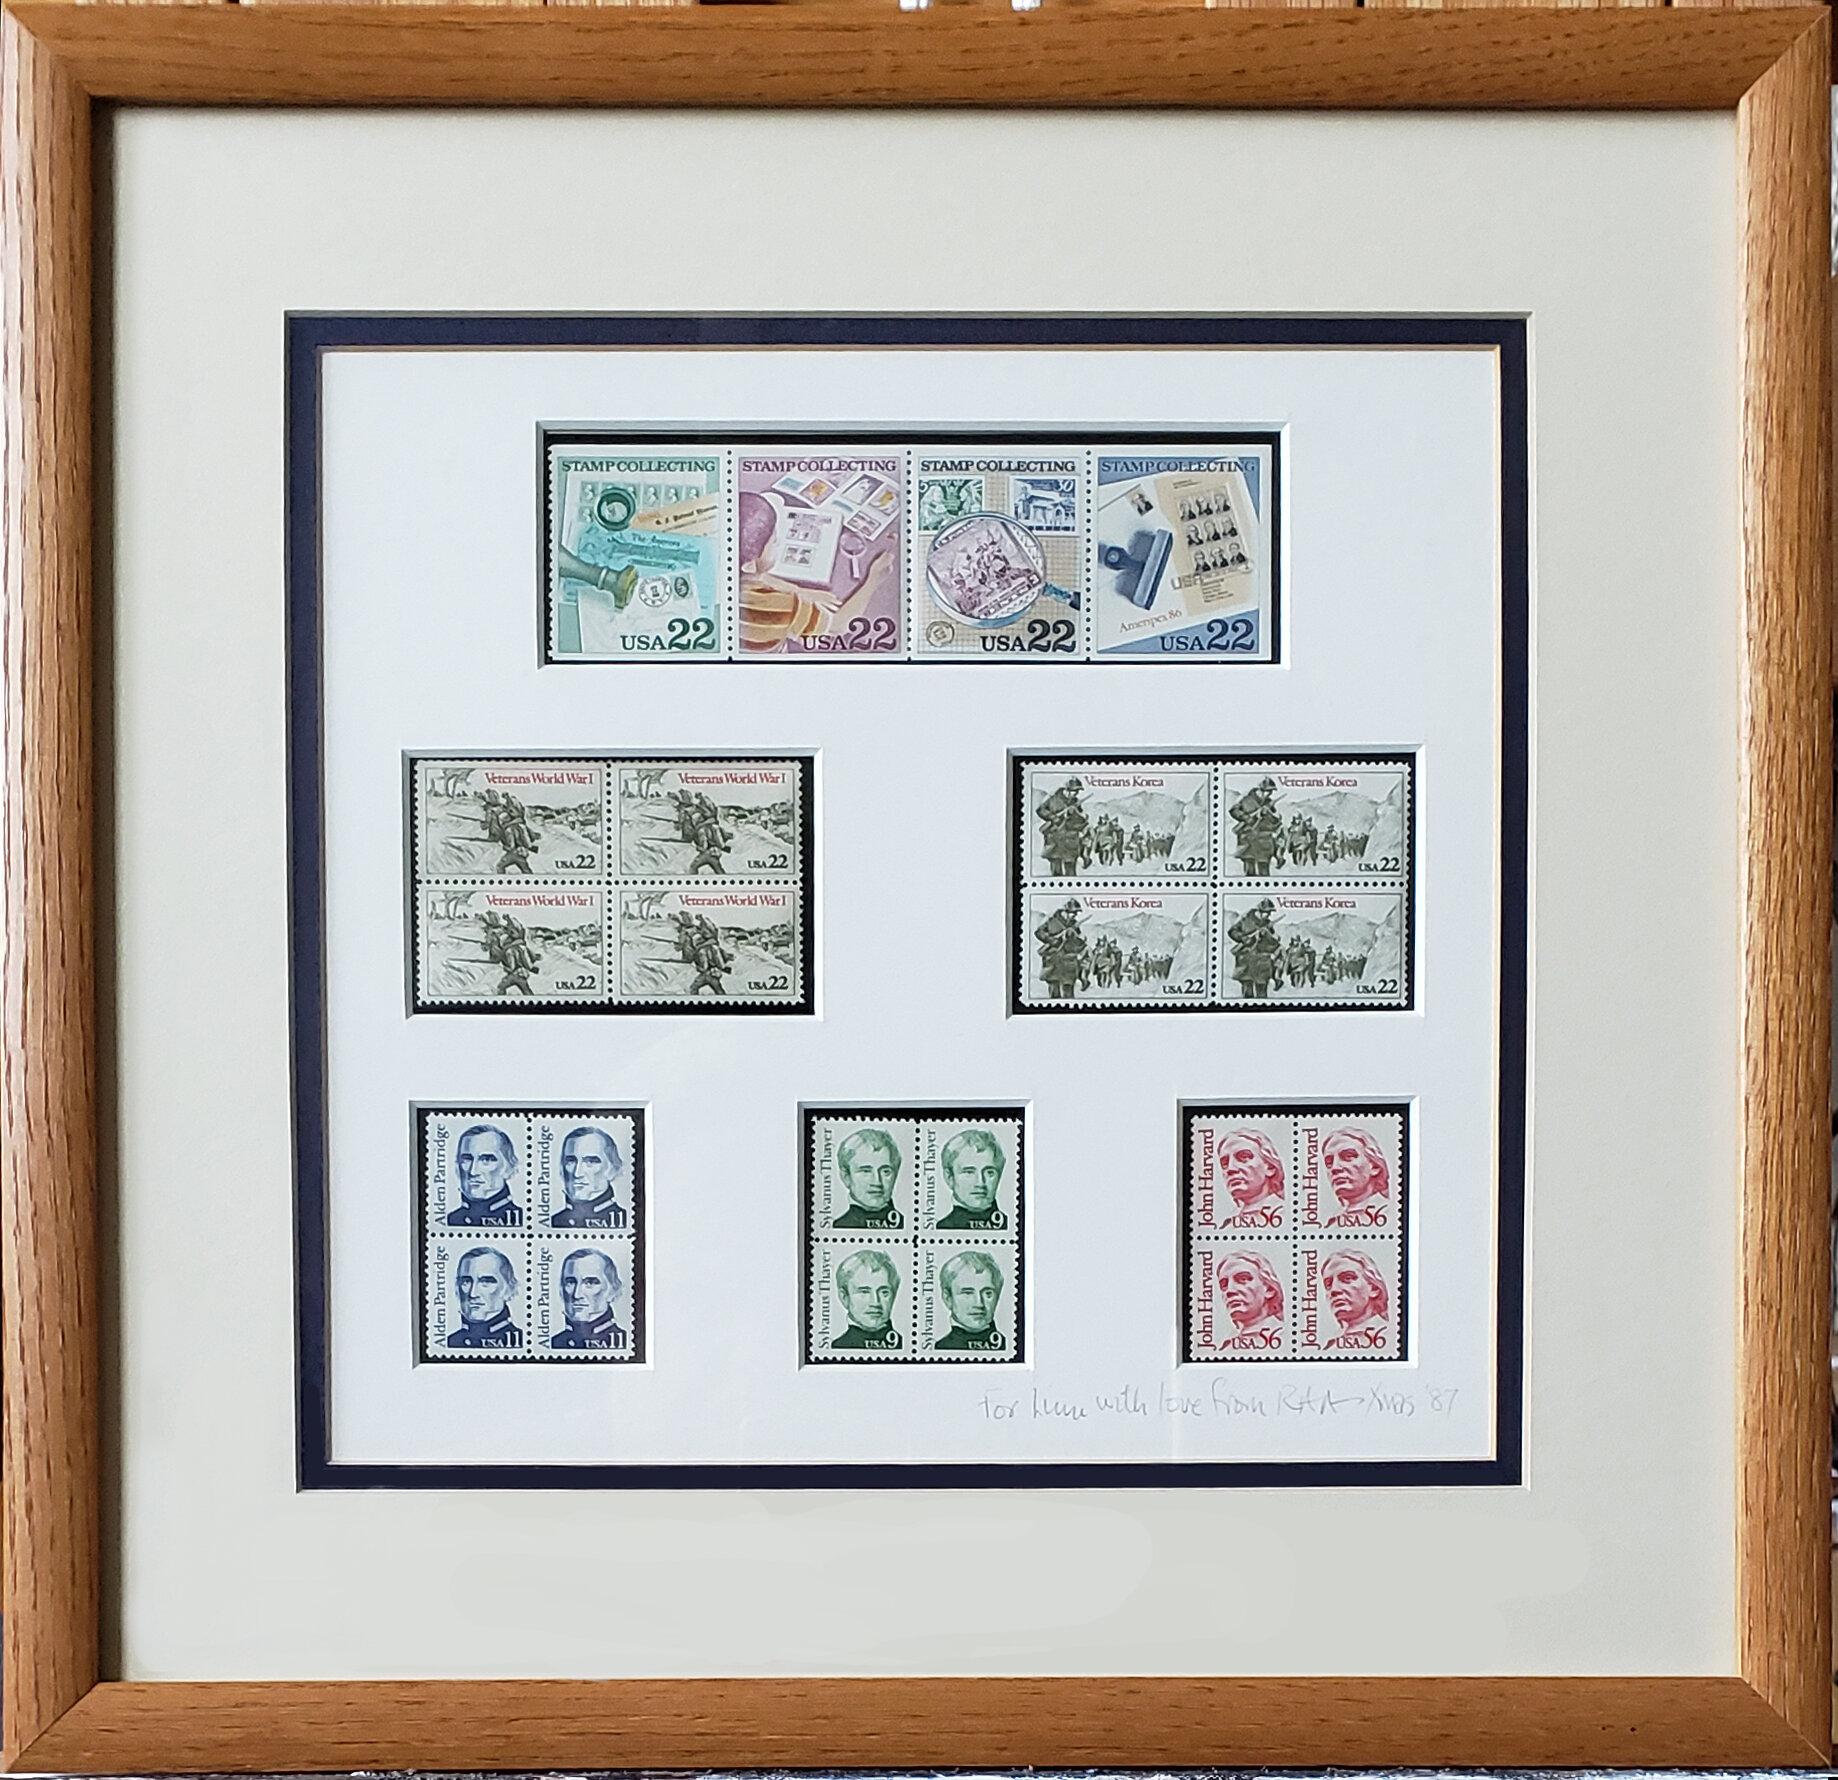 RAnderson_ USpostal Service Stamps from RAA Drawings 1980s.jpg